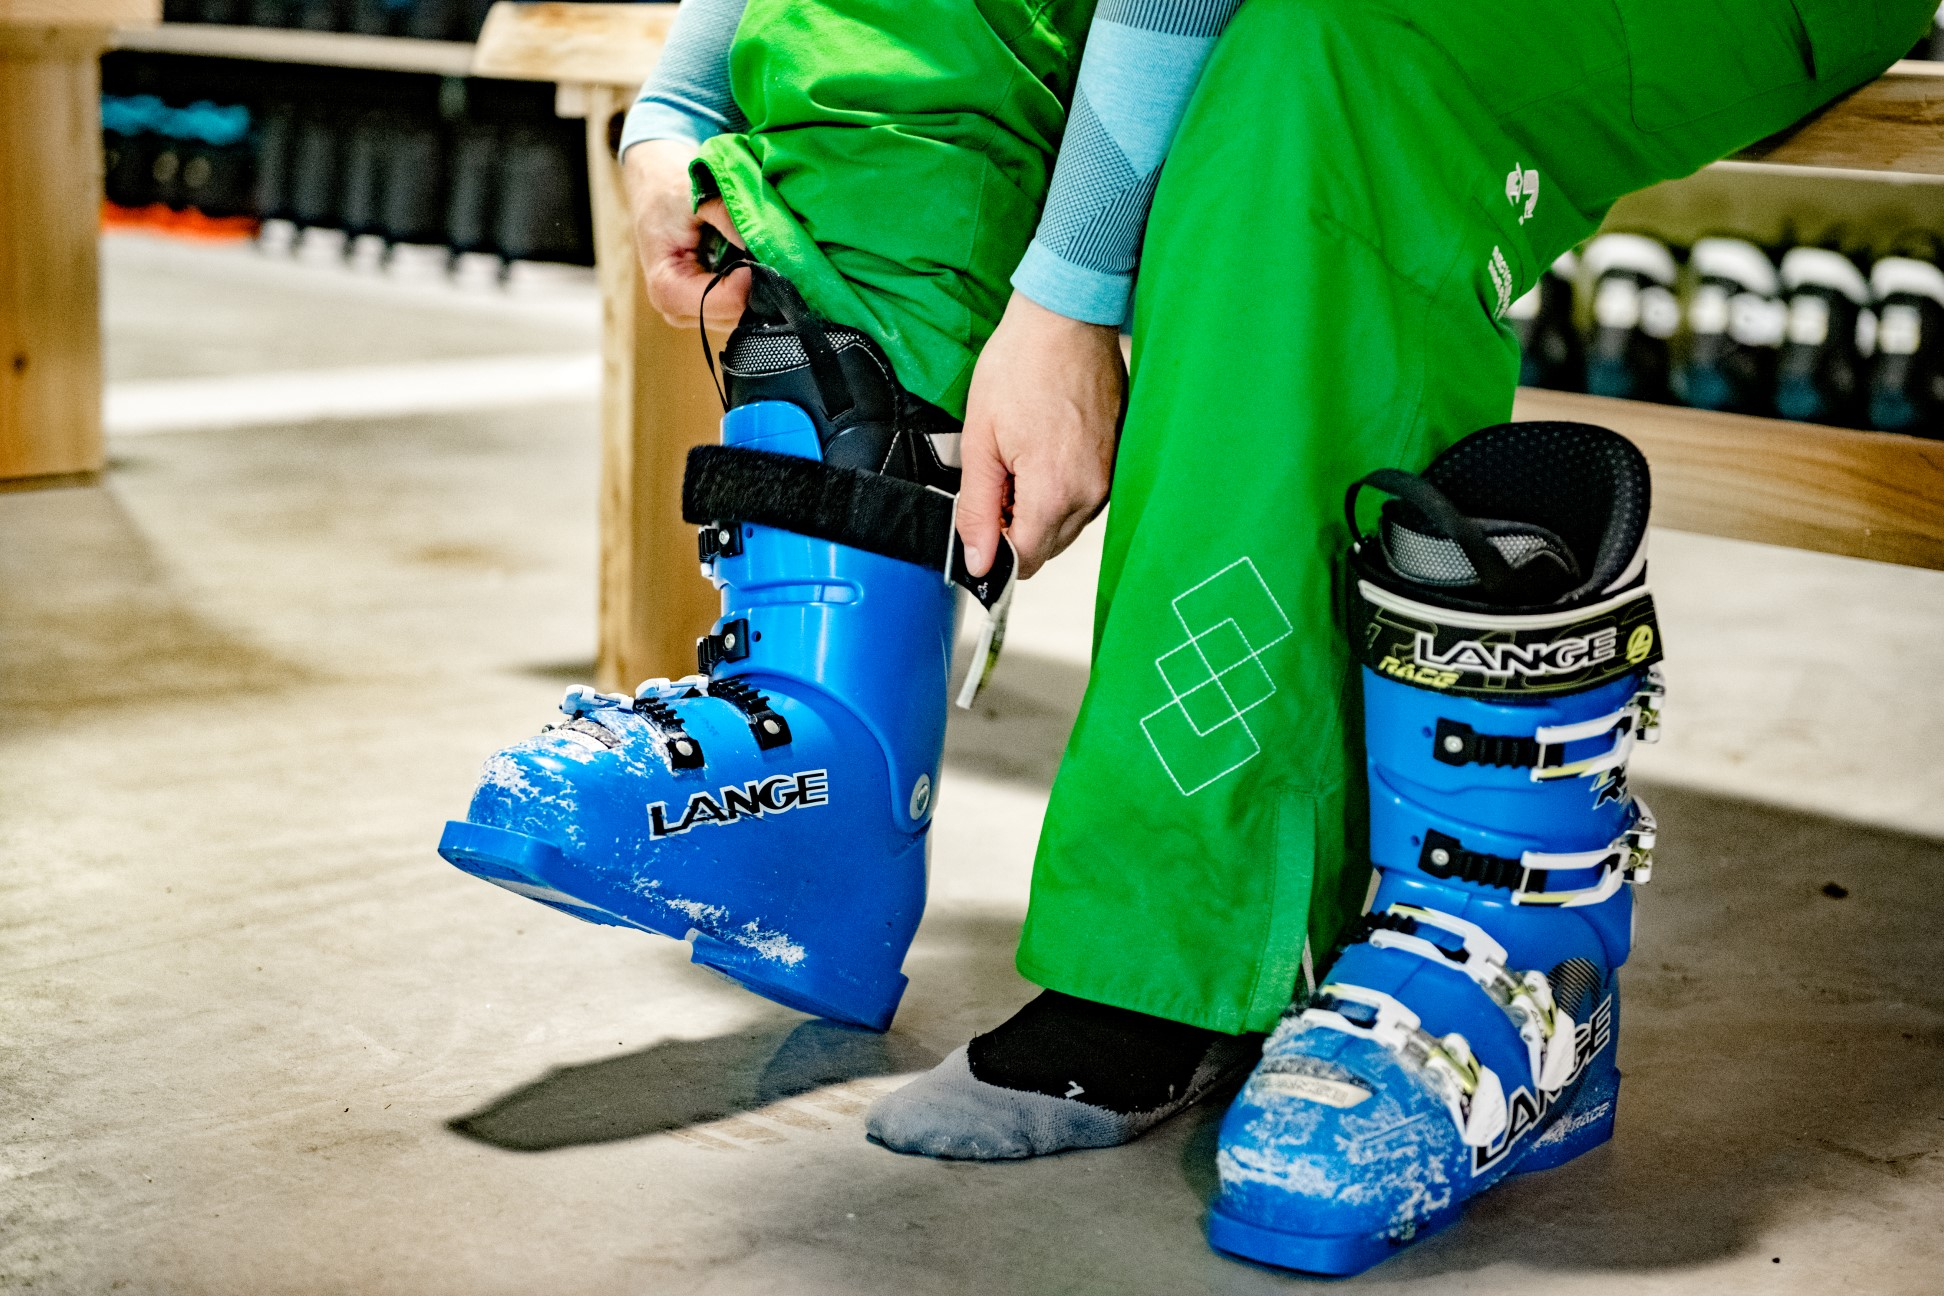 Leren skiën op latere leeftijd